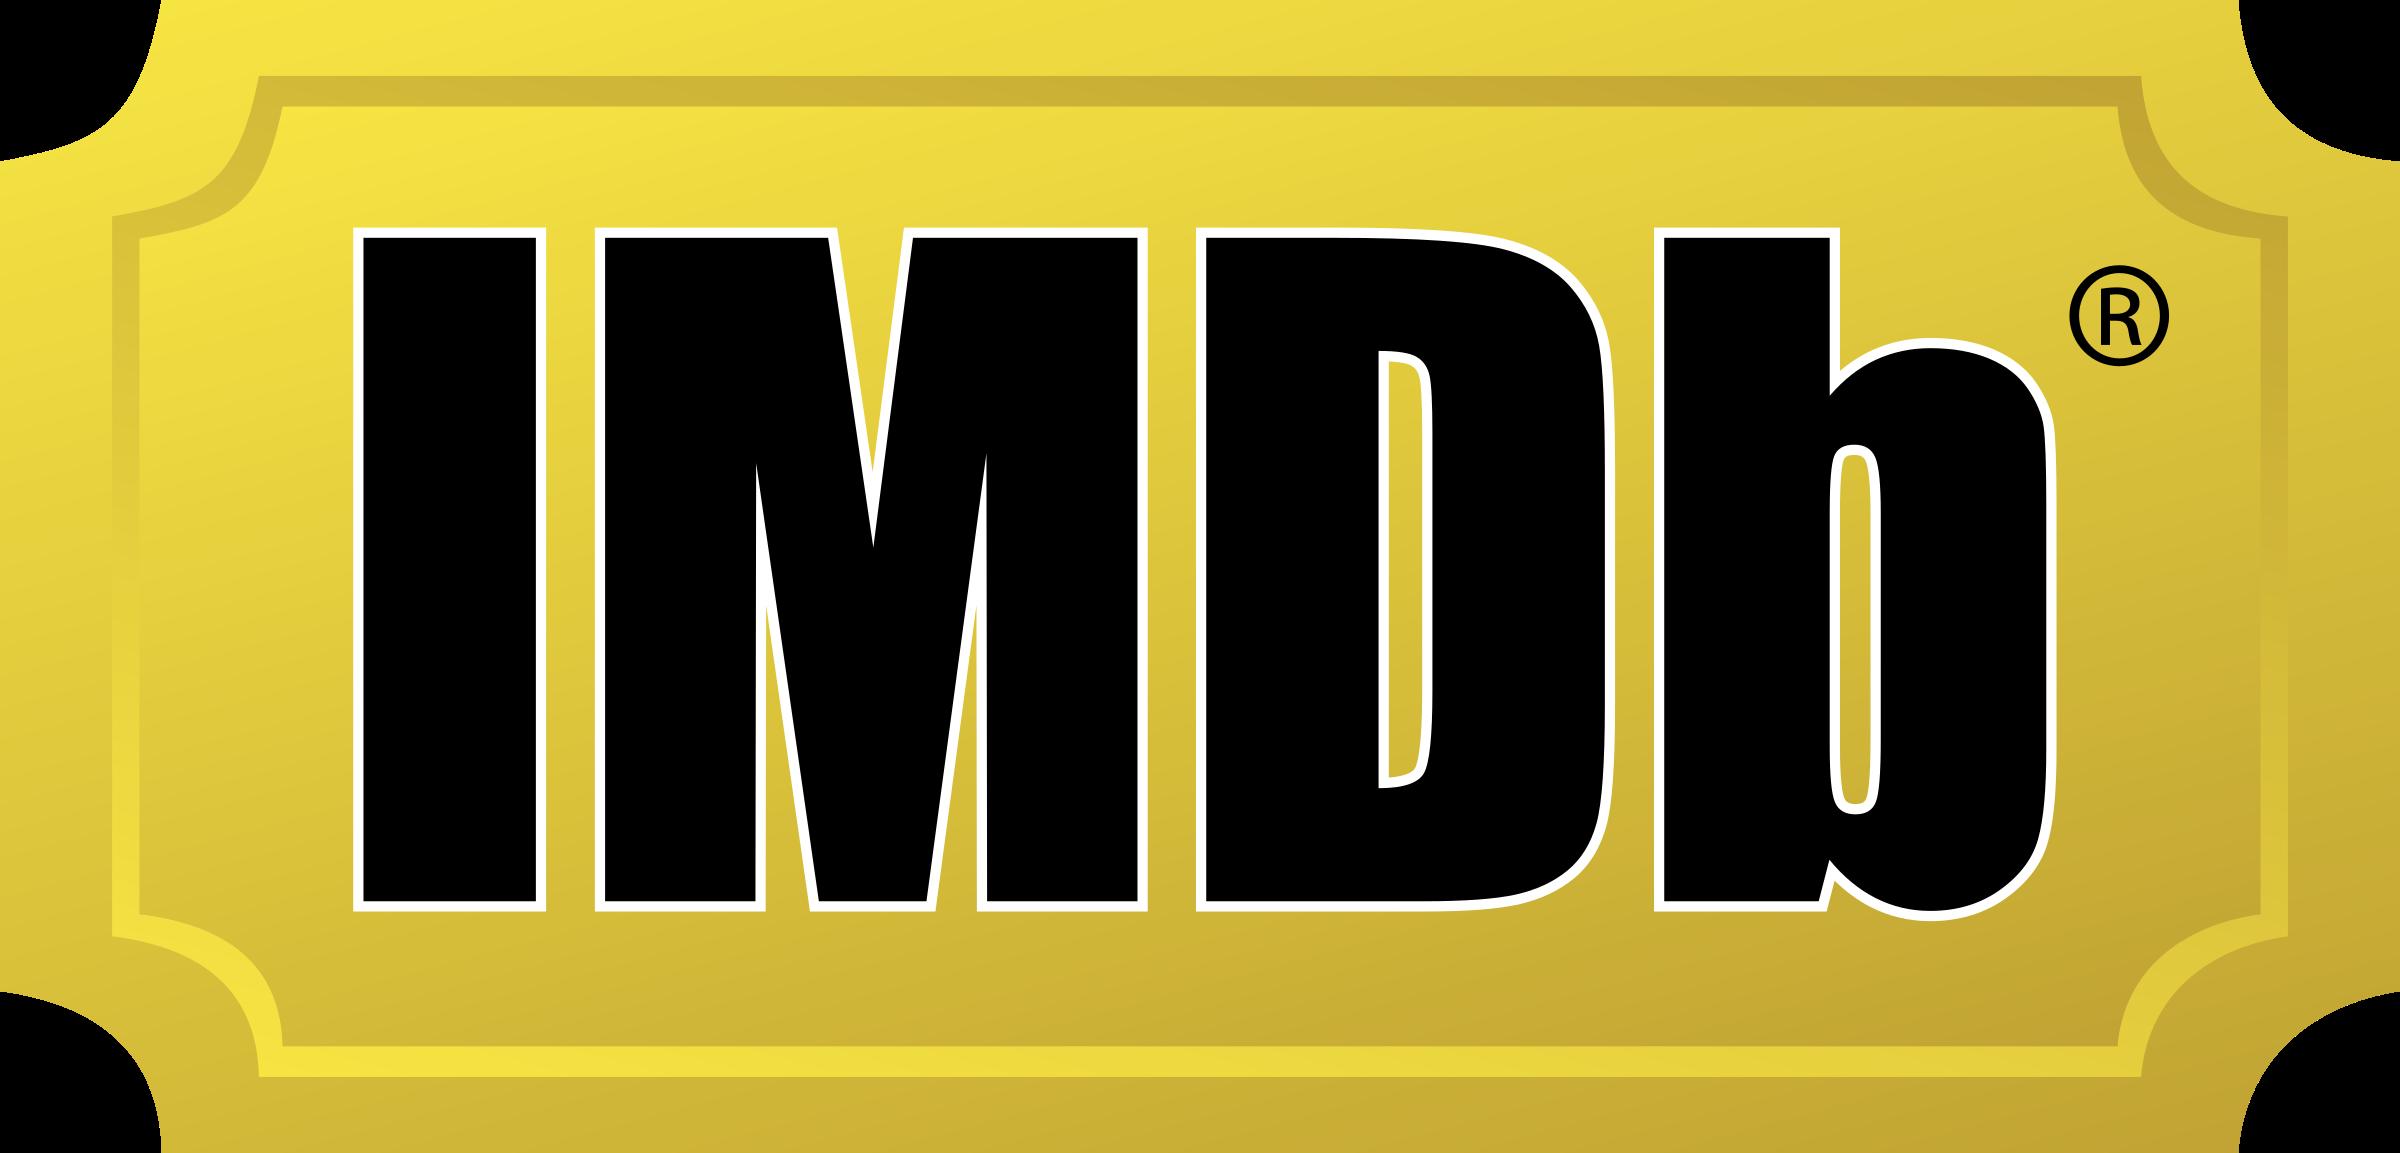 imdb-logo-png-transparent.png